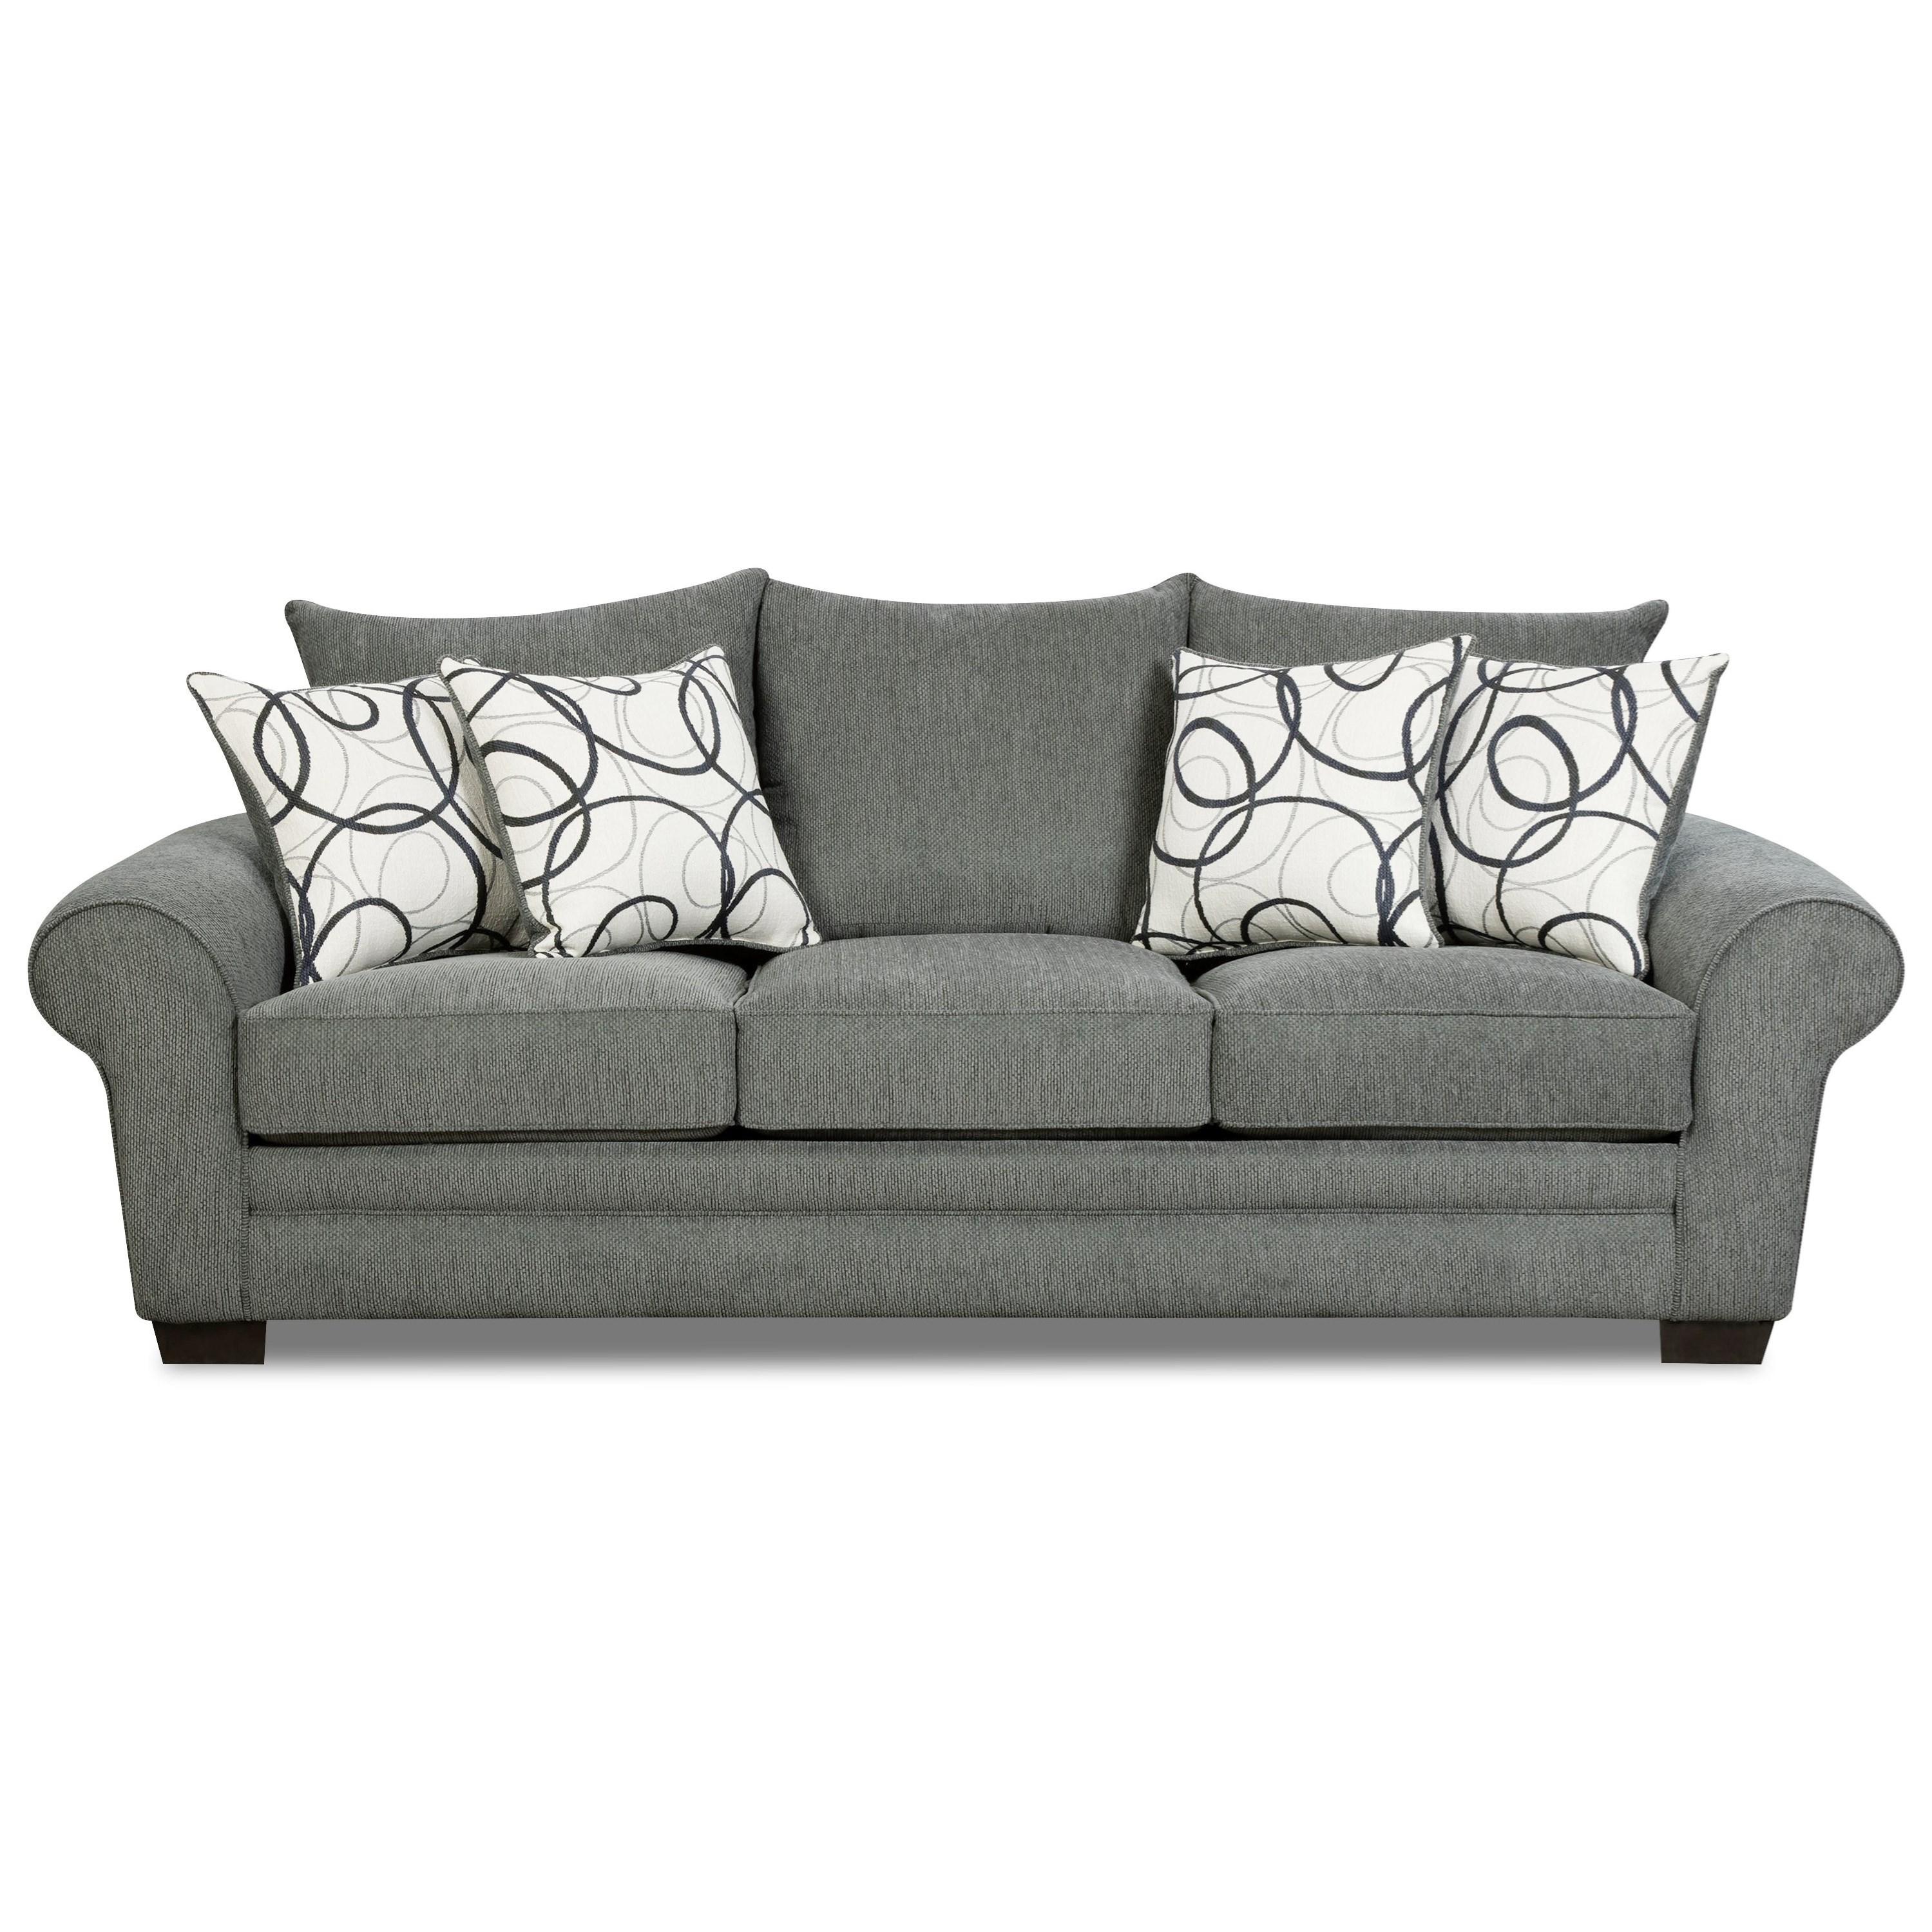 Corinthian Othello Sofa - Item Number: 5493-OTHELLO-LODEN